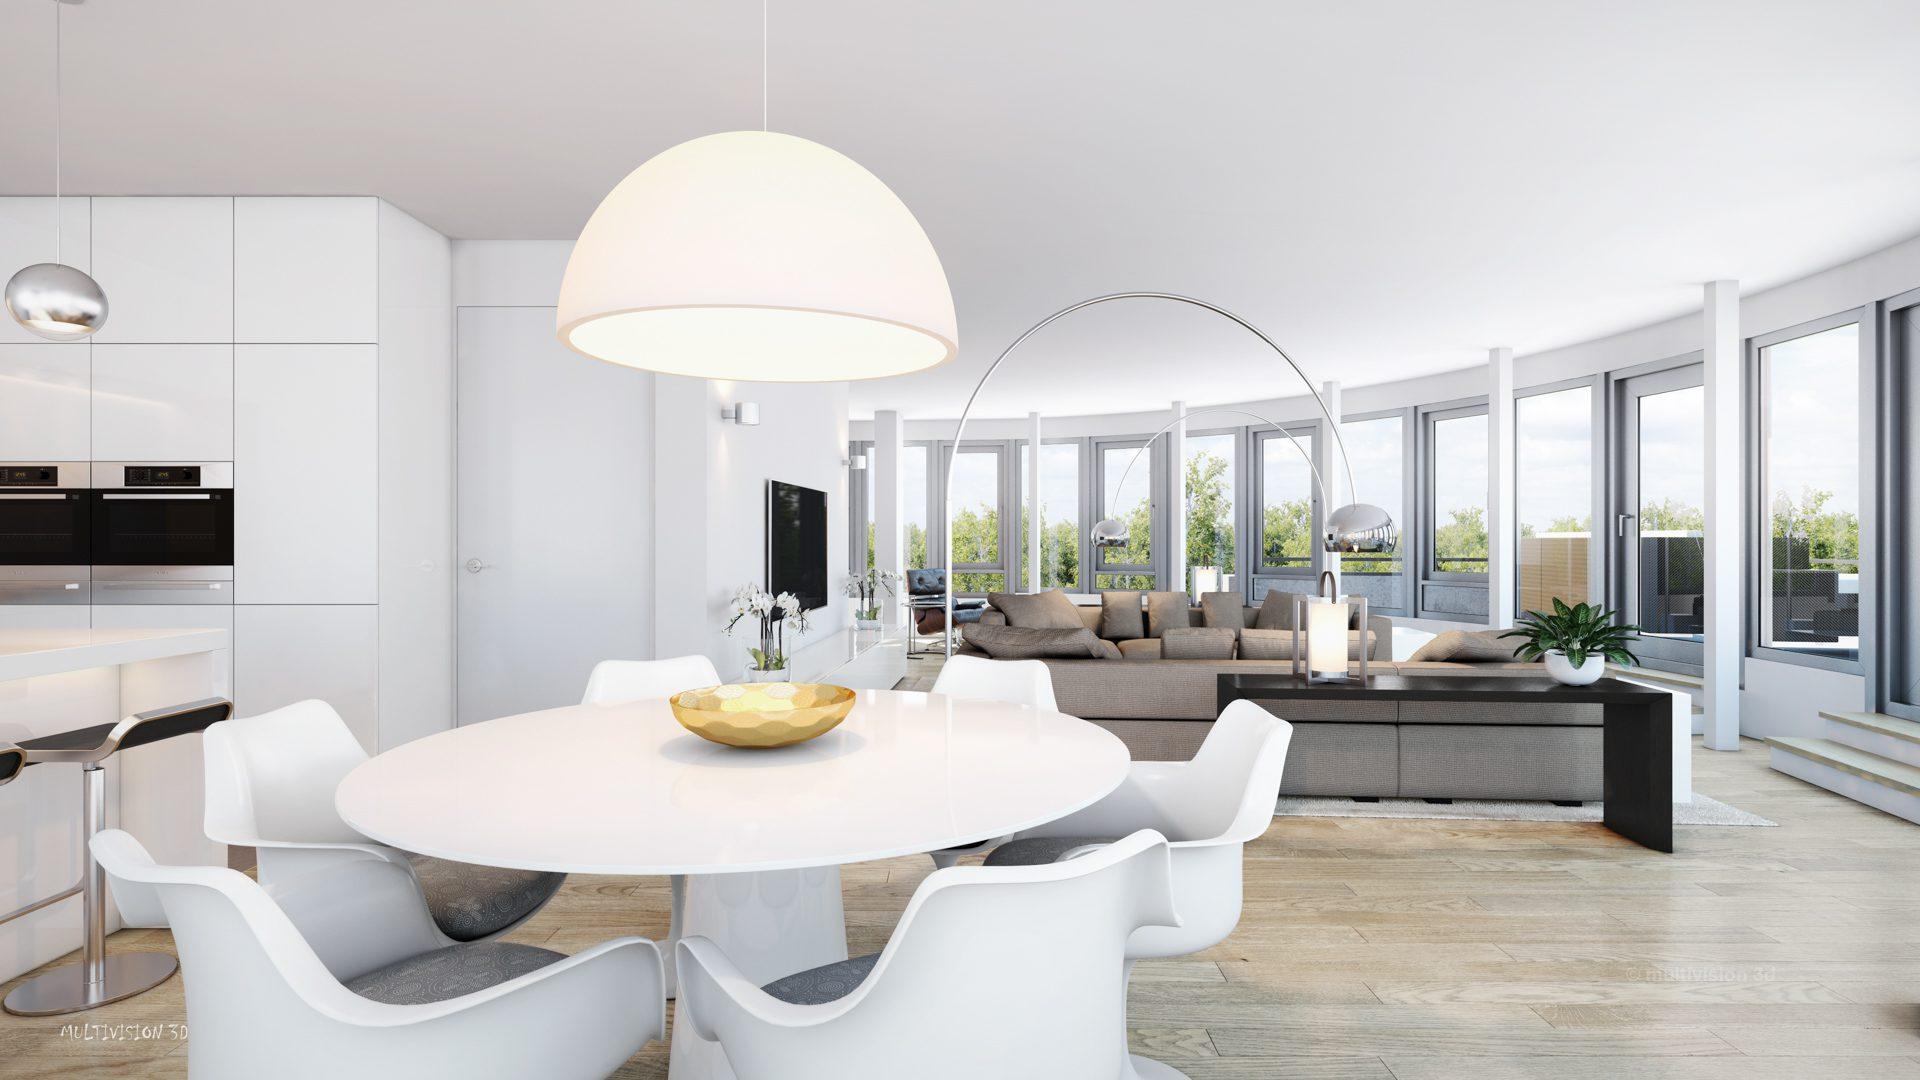 interieur impressie la cour bleue 2 multivision 3d visualisatie. Black Bedroom Furniture Sets. Home Design Ideas